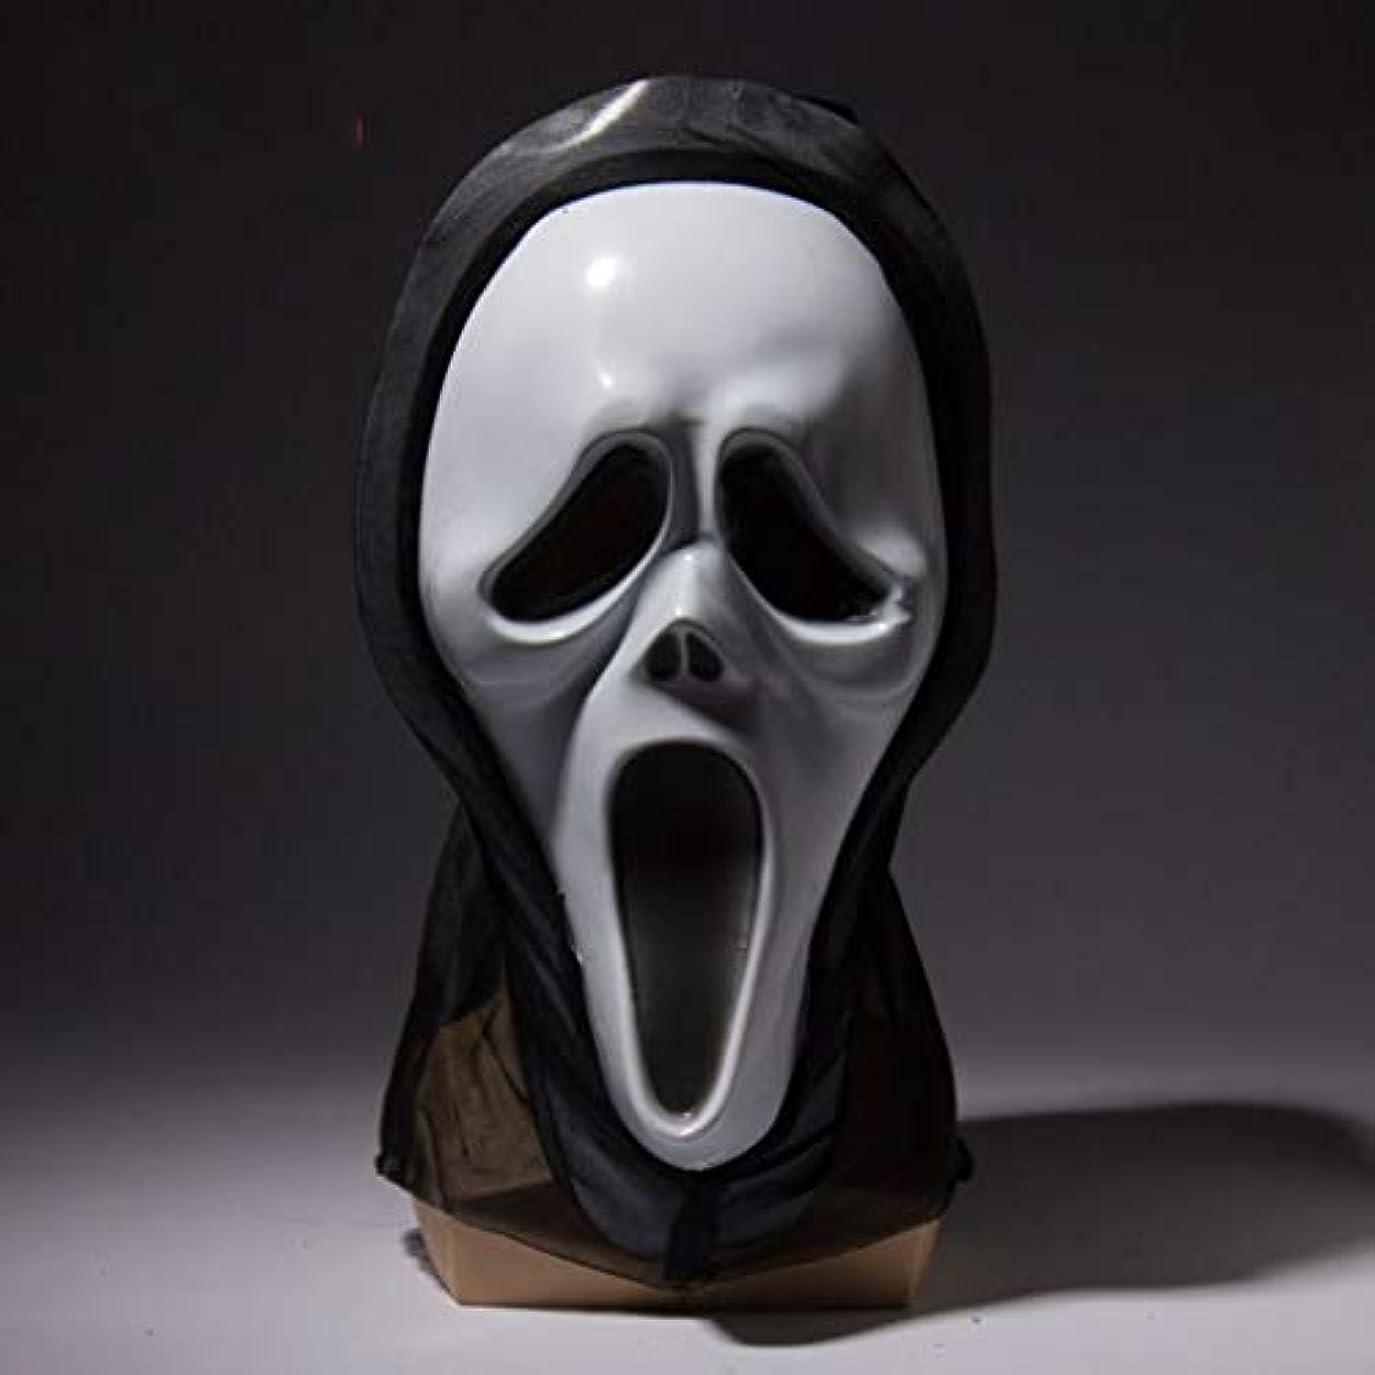 初期のワイプ天井ハロウィーン悲鳴悪魔ホラーマスクしかめっ面怖いゾンビヘッドギア大人ゴーストフェスティバルボールマスク